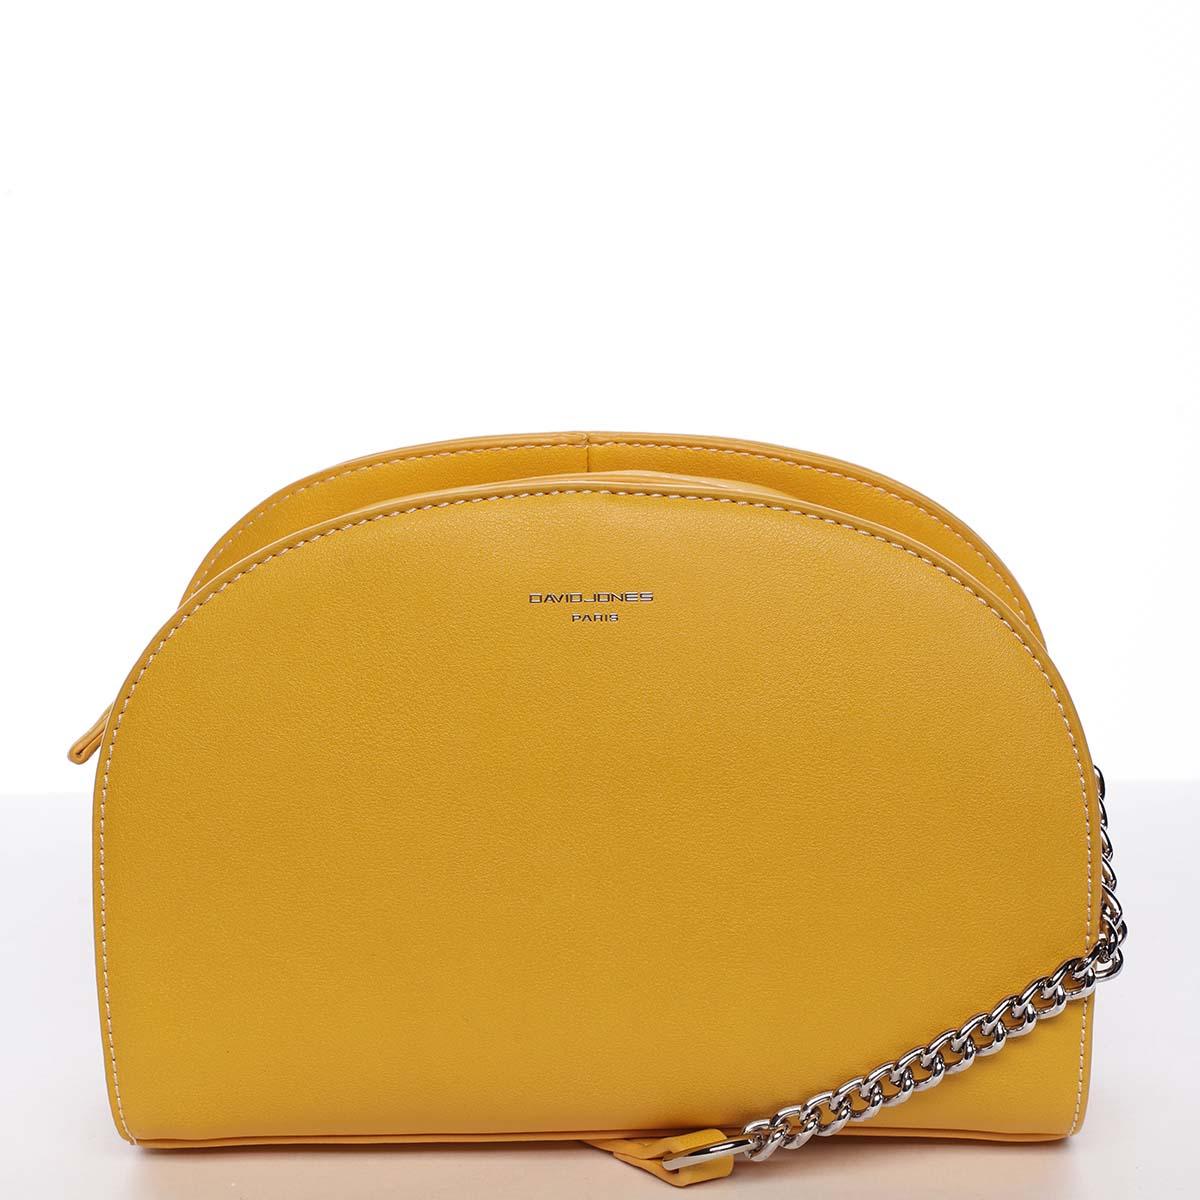 Módní oblá dámská crossbody žlutá kabelka - David Jones Anny